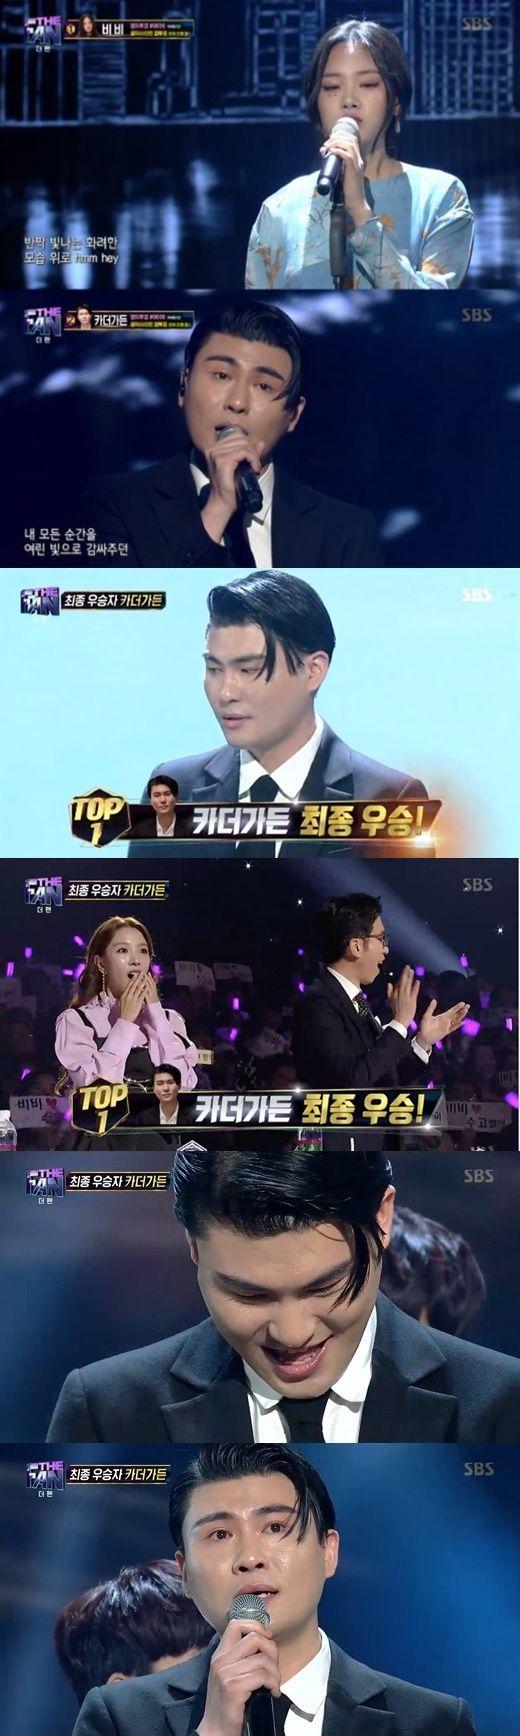 '더팬' 카더가든, 반전 드라마 쓰며 최종 우승 '눈물'